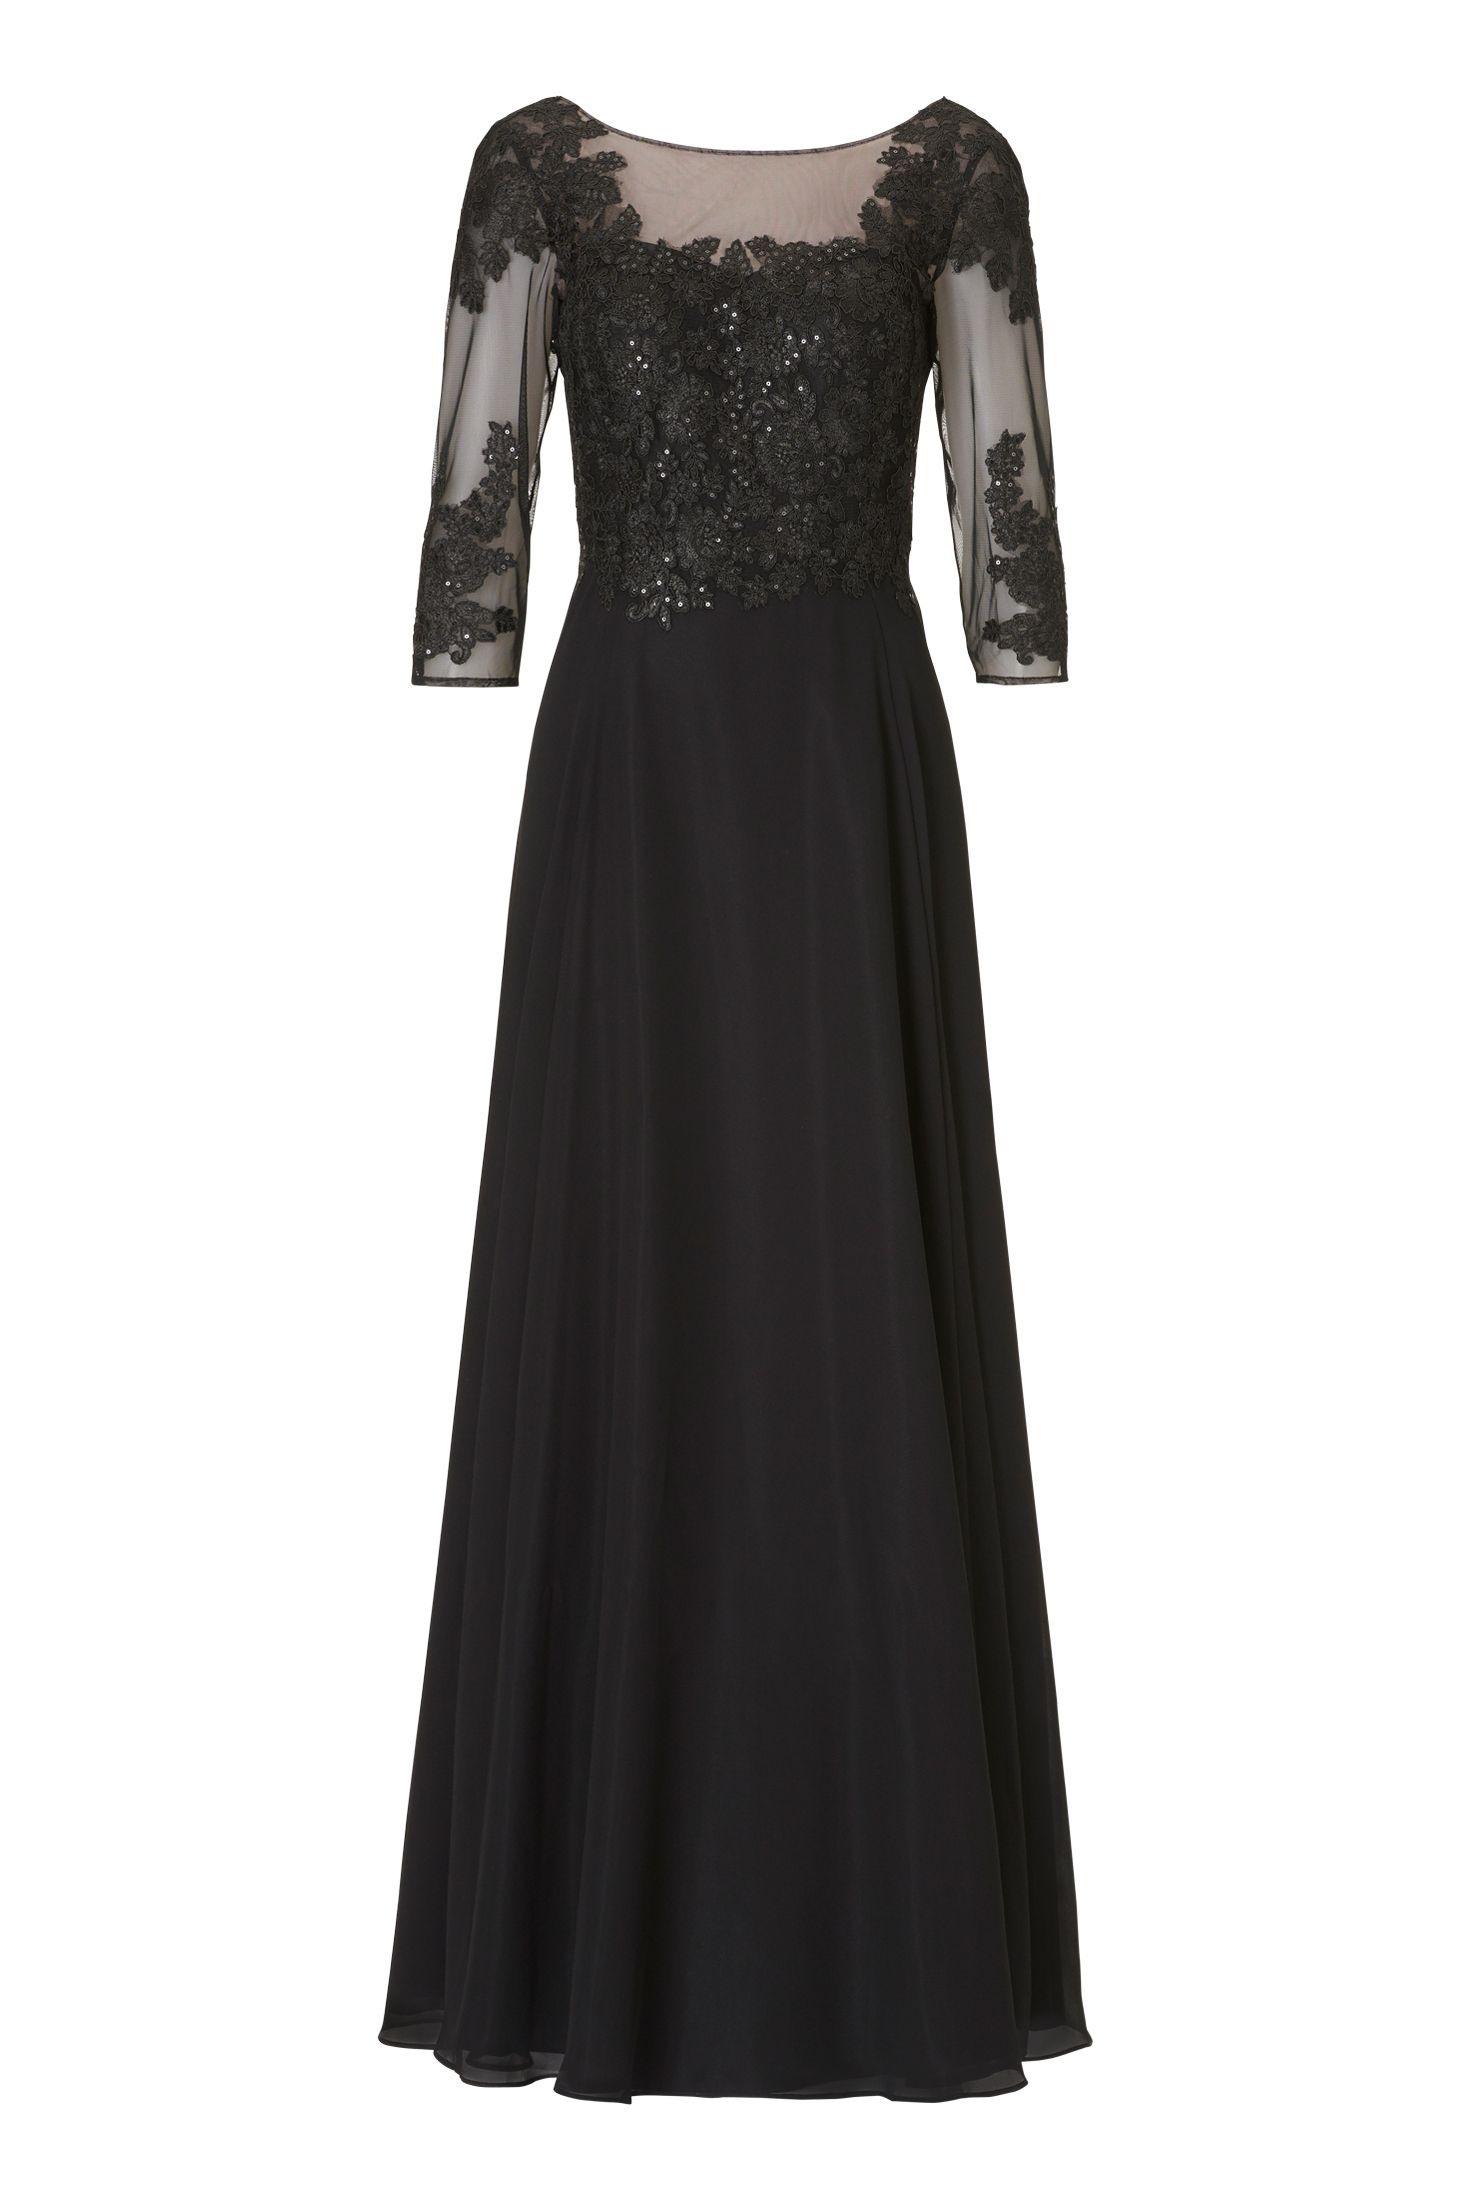 Formal Fantastisch Schwarzes Abend Kleid Bester PreisAbend Perfekt Schwarzes Abend Kleid Stylish